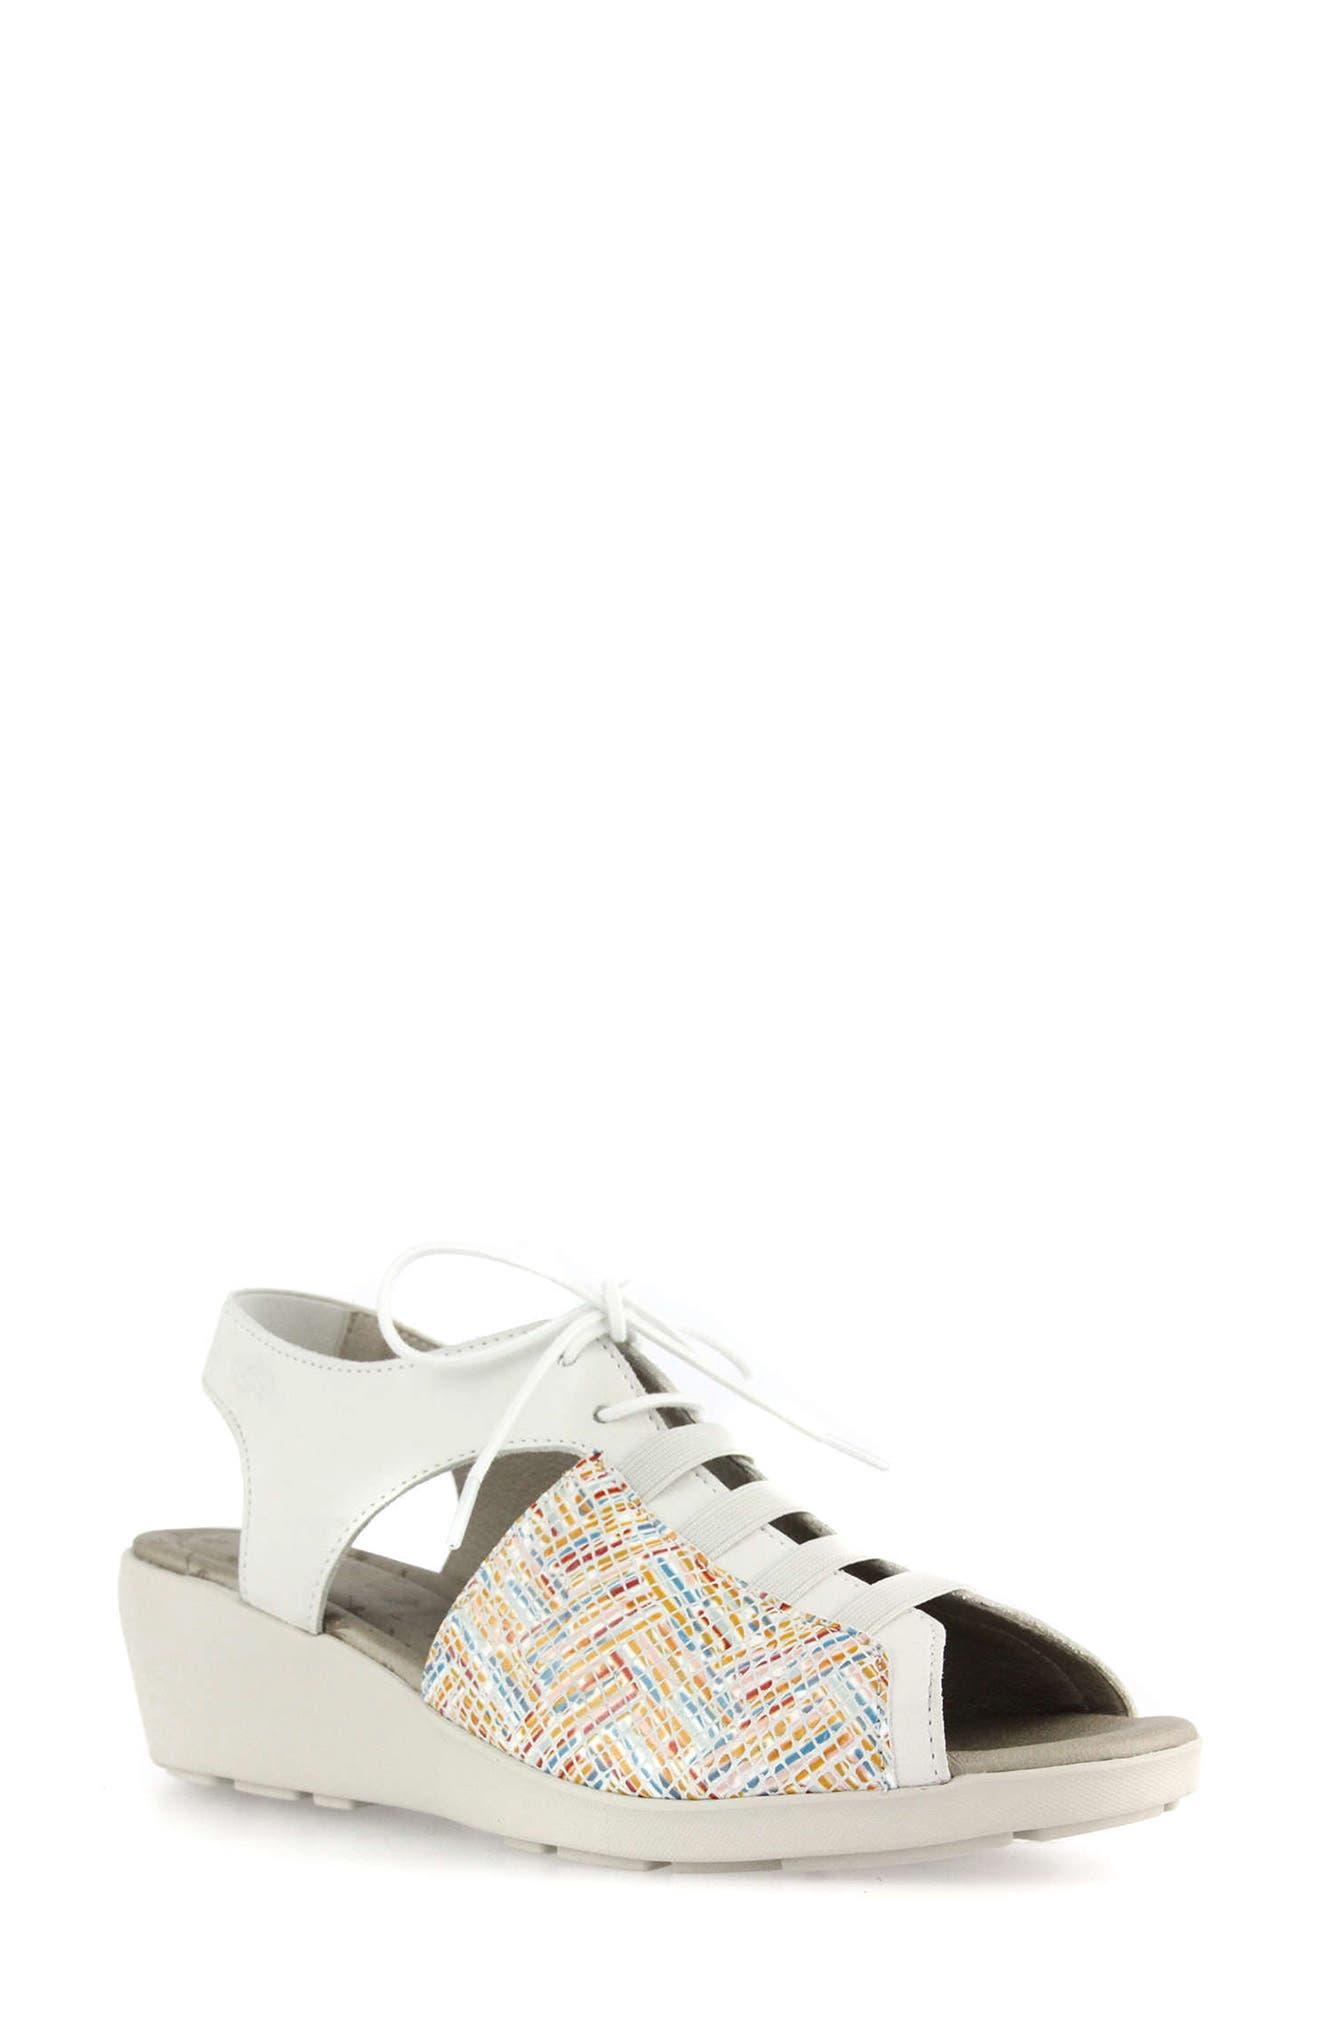 Hattie Lace-Up Sandal